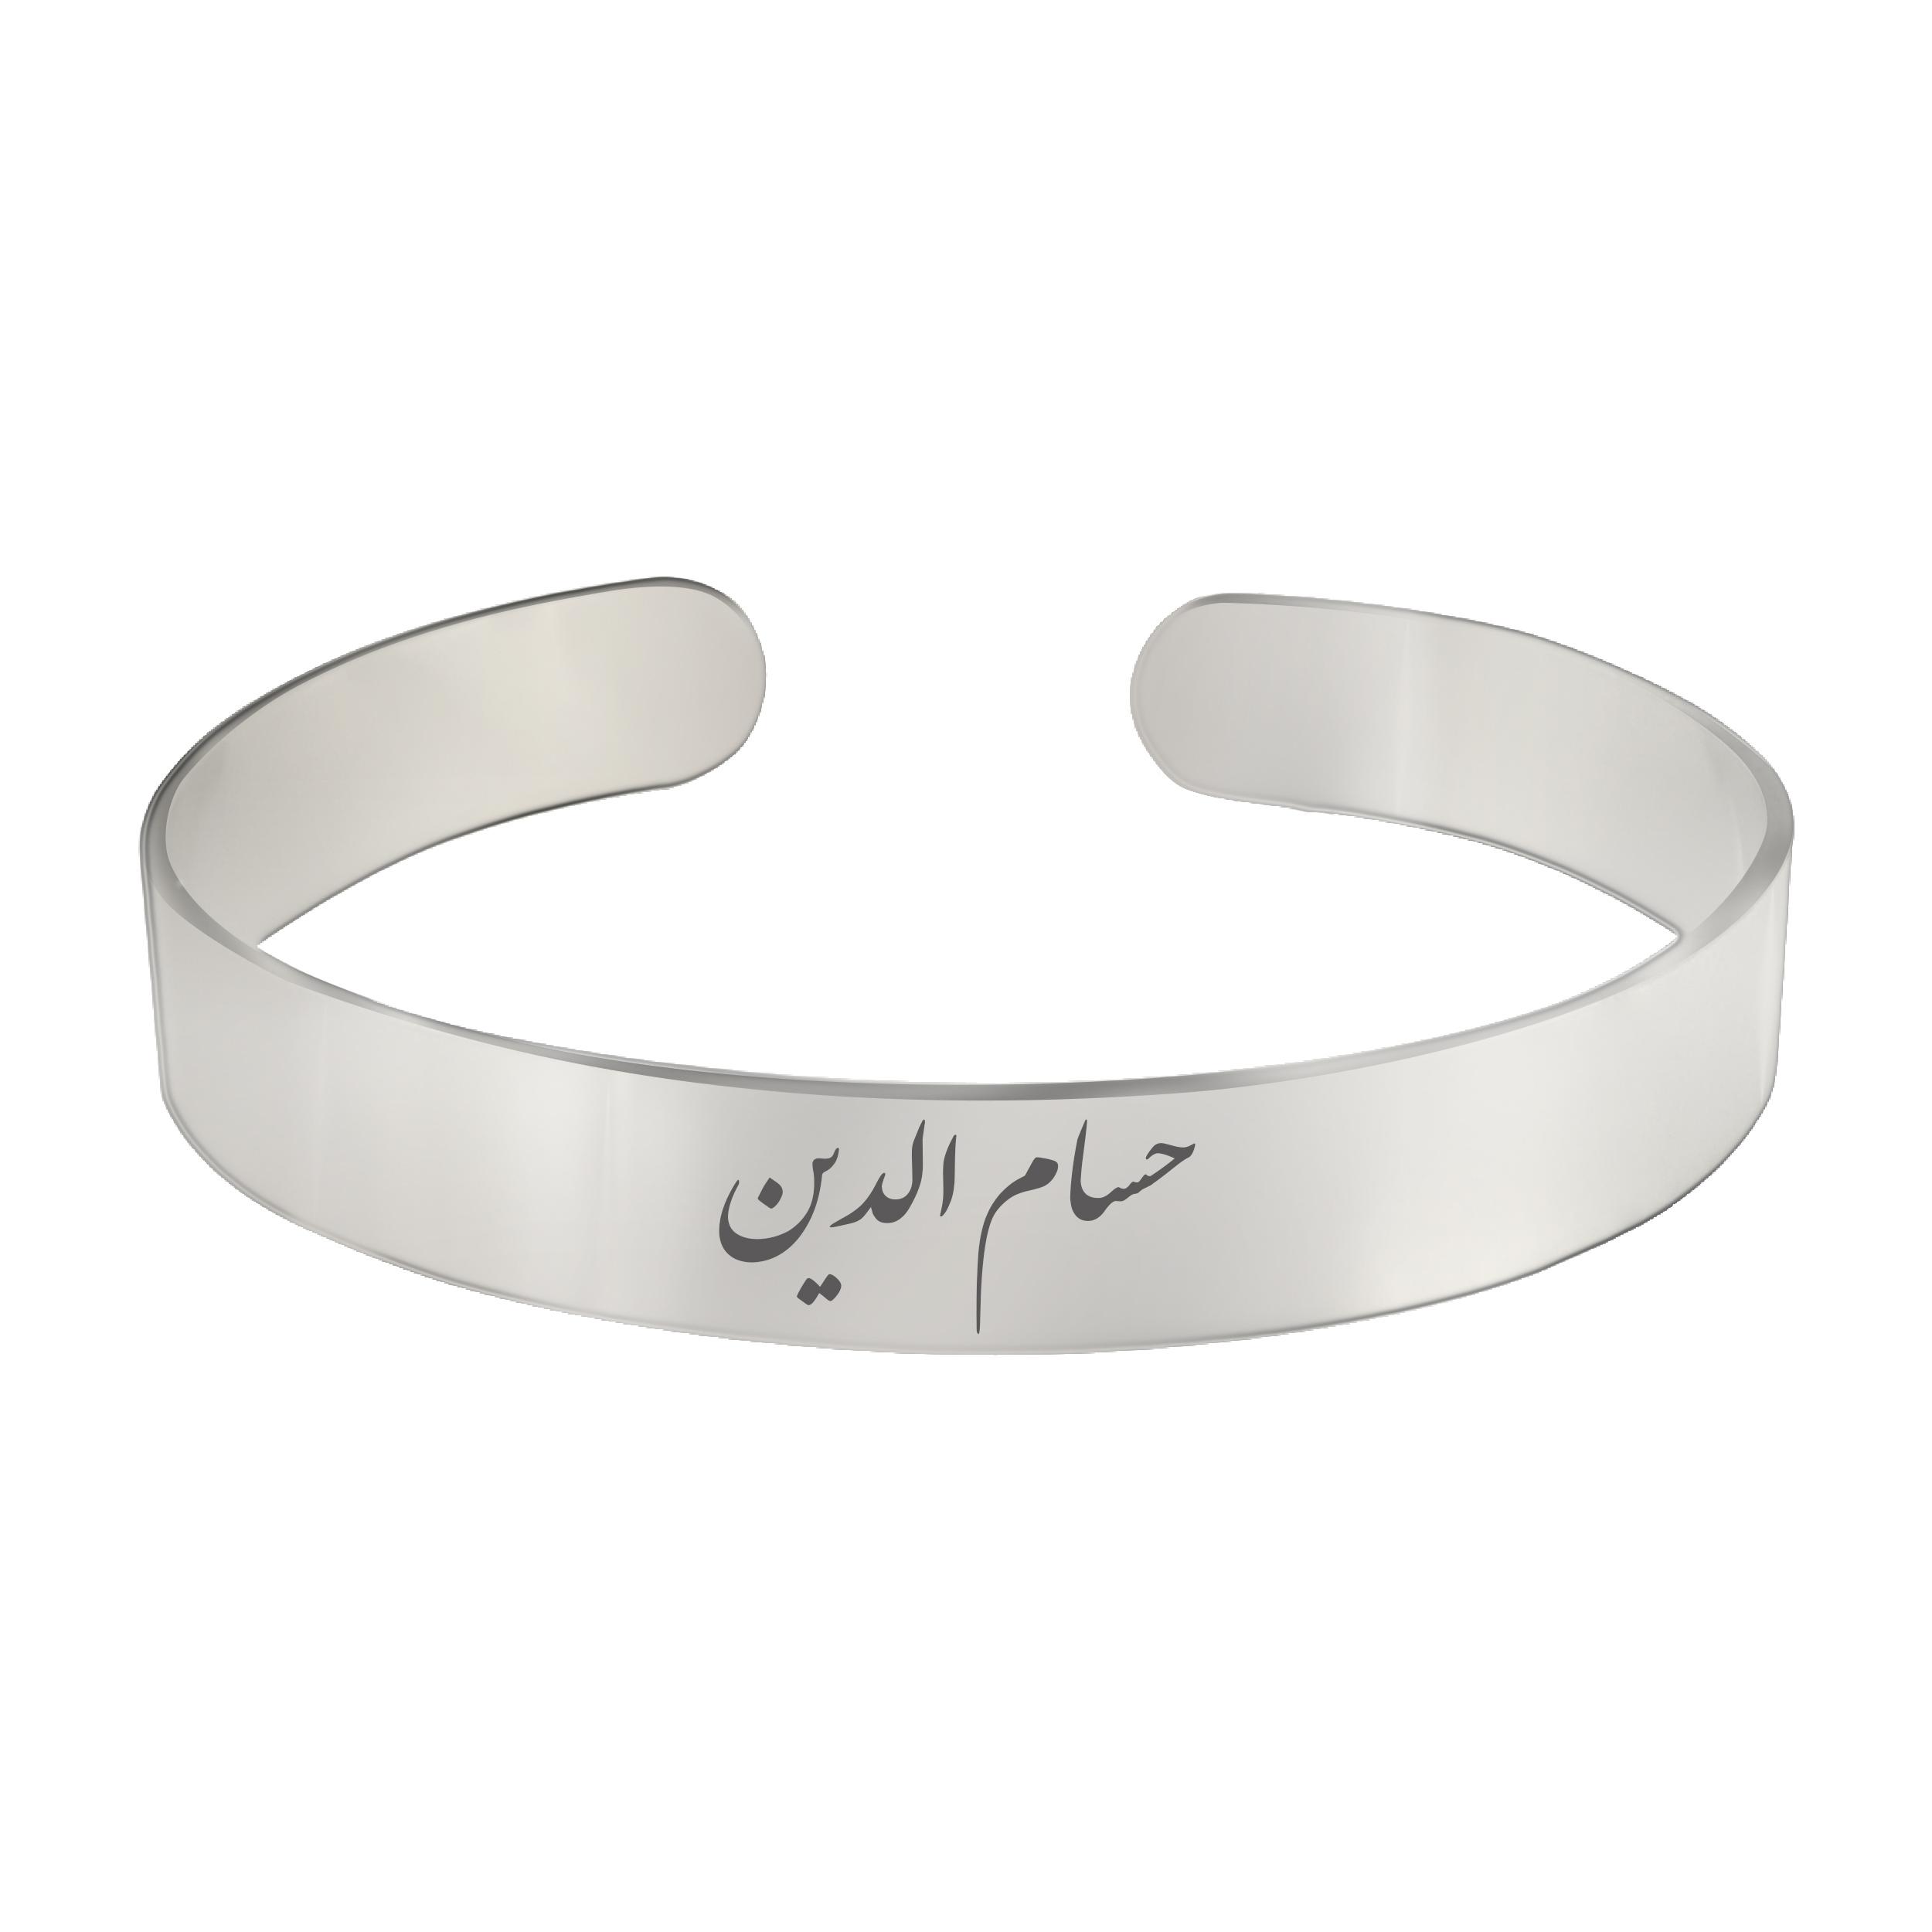 دستبند مردانه ترمه ۱ مدل حسام الدین کد 480 Bns